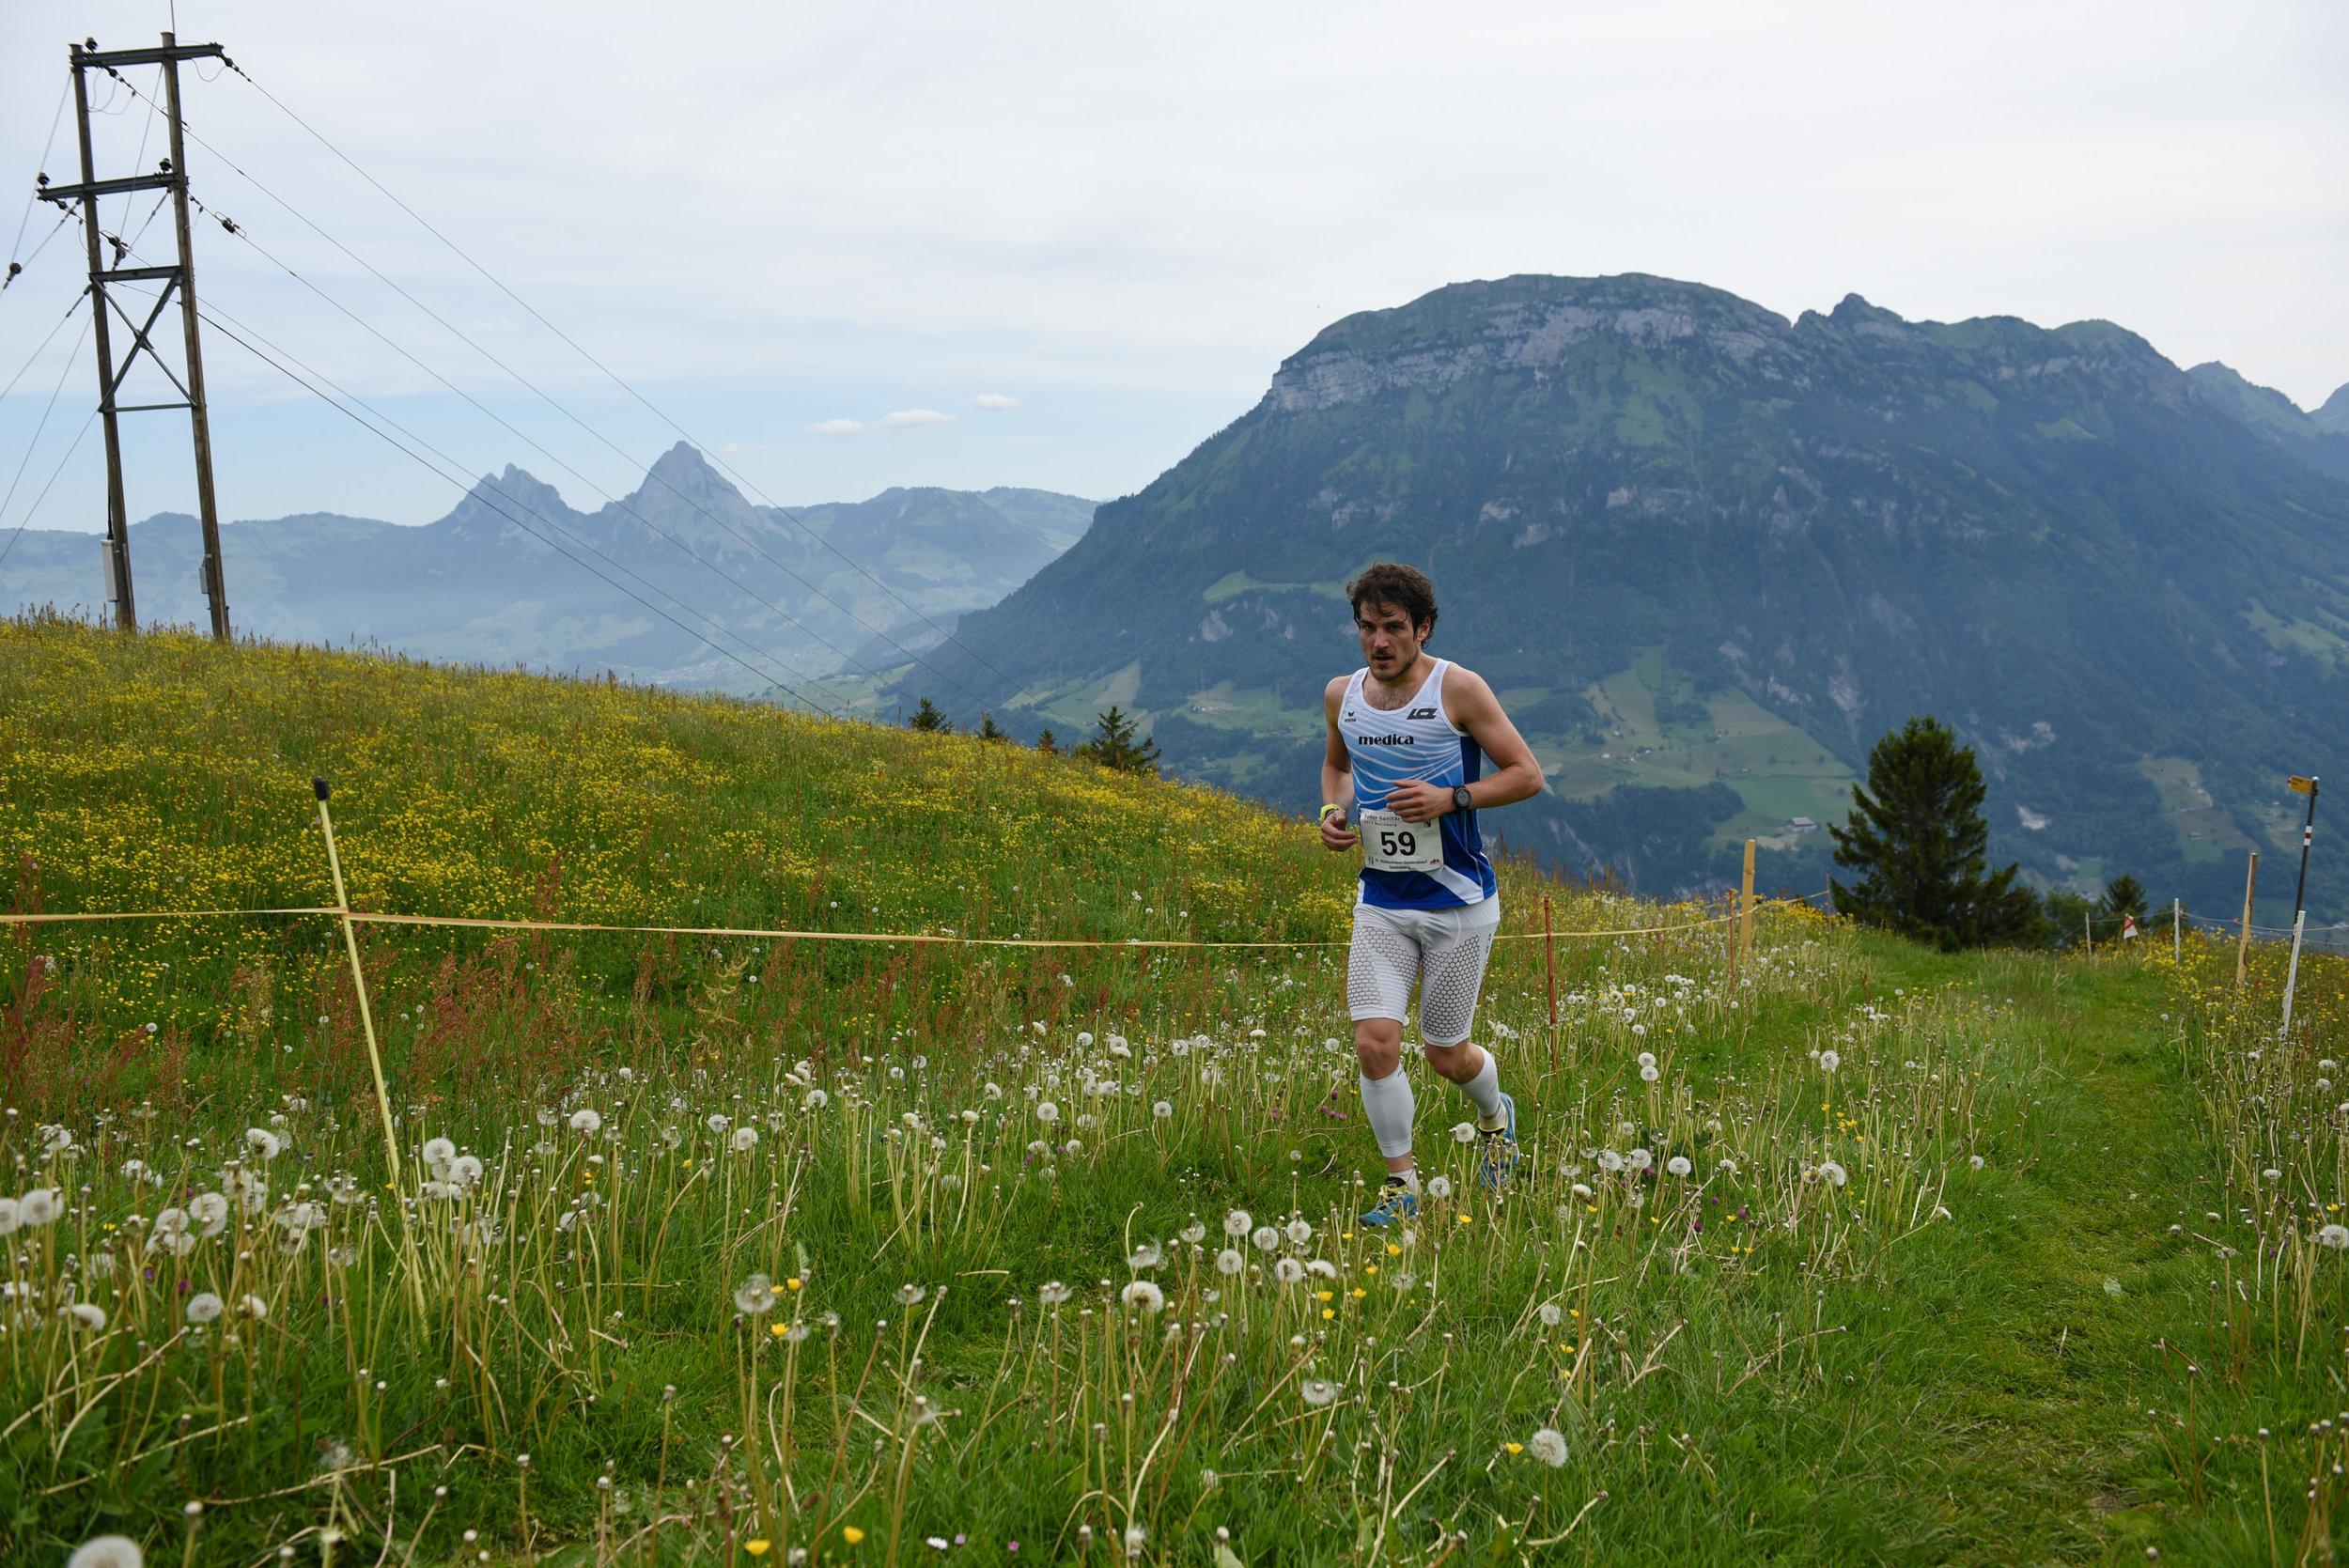 Berglauf_006.jpg